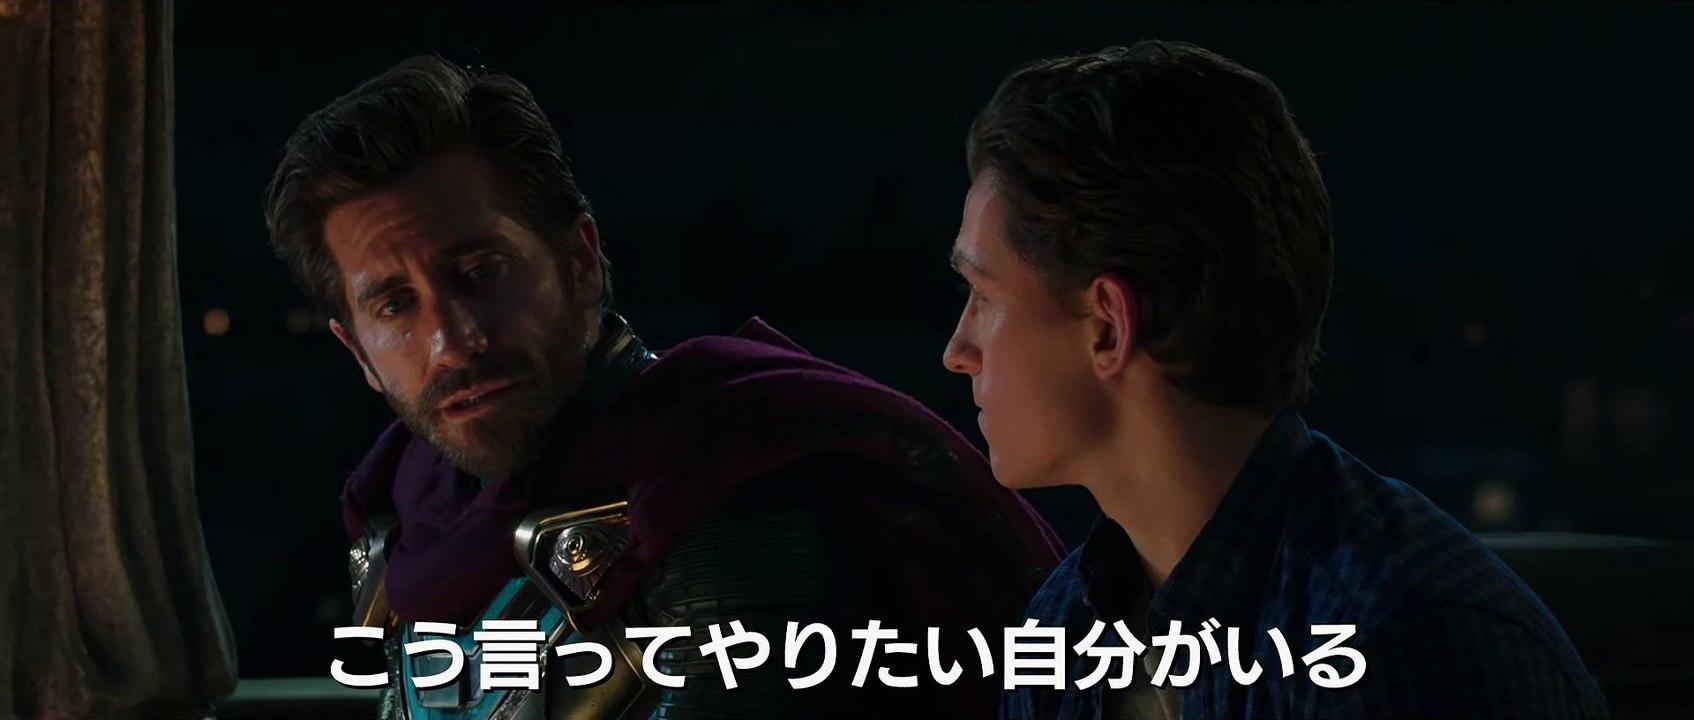 スパイダーマン 映画 dailymotion